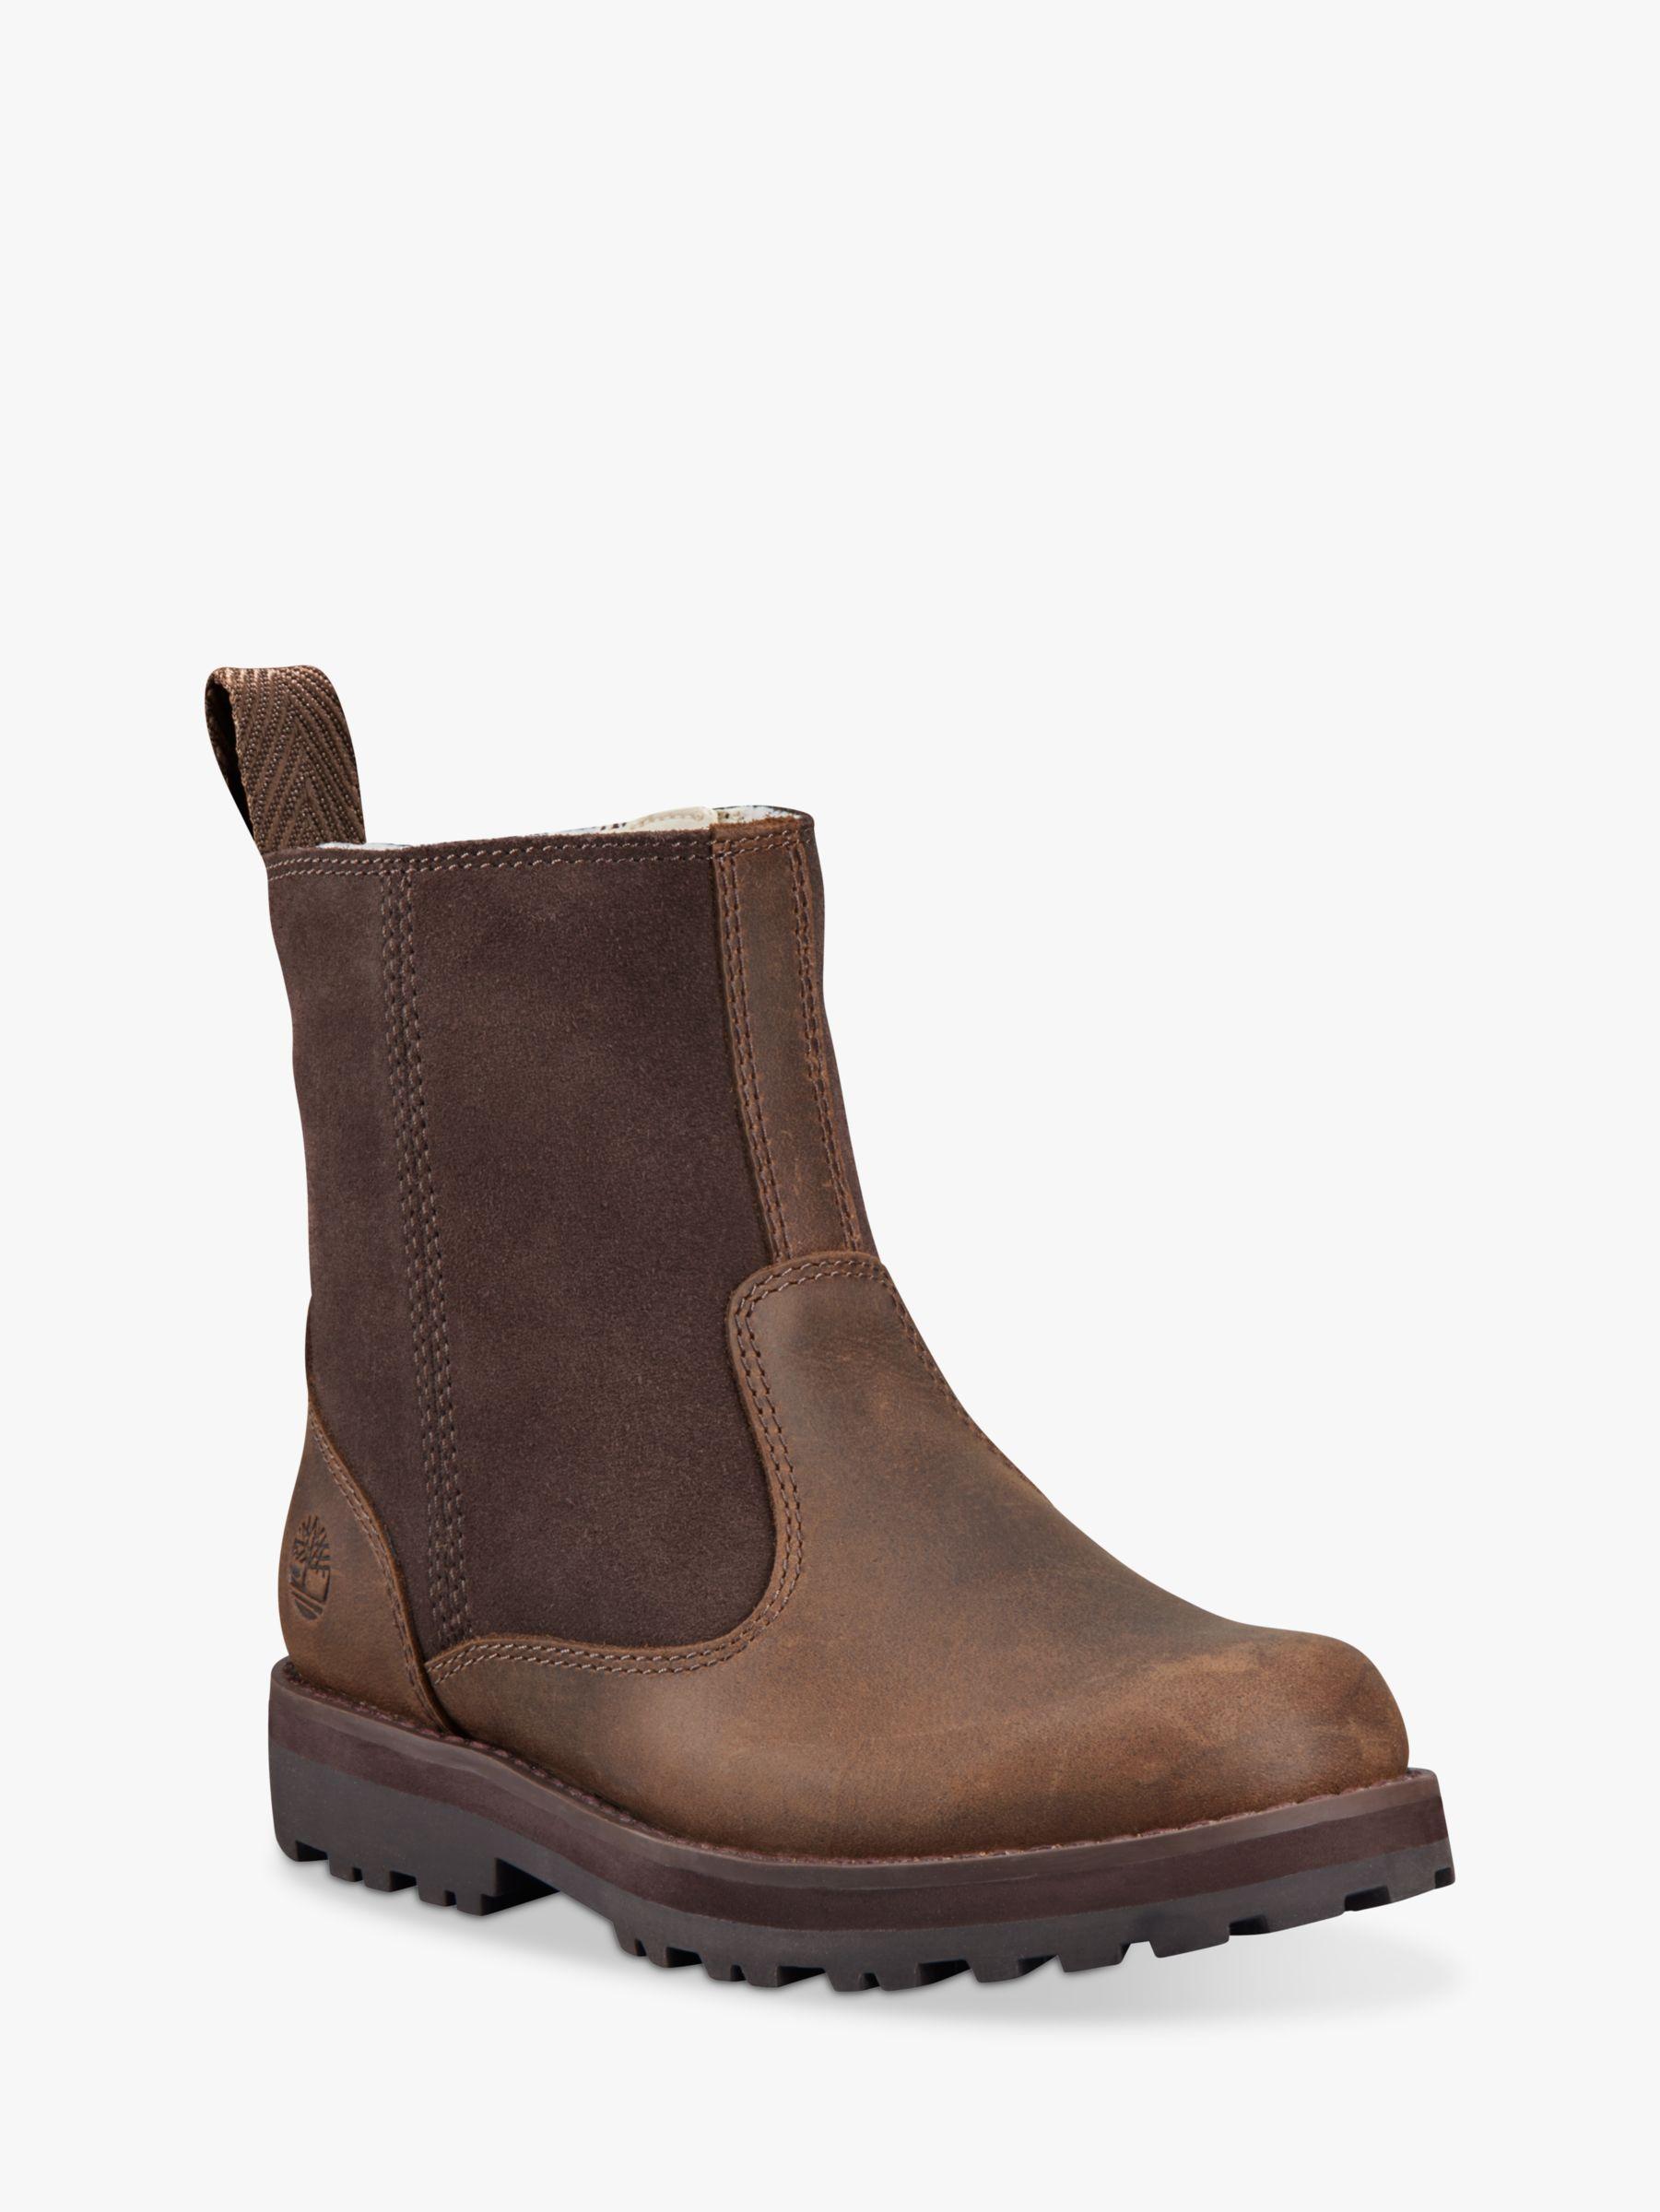 Timberland Children's Courma Kid Warm Boots, Dark Brown